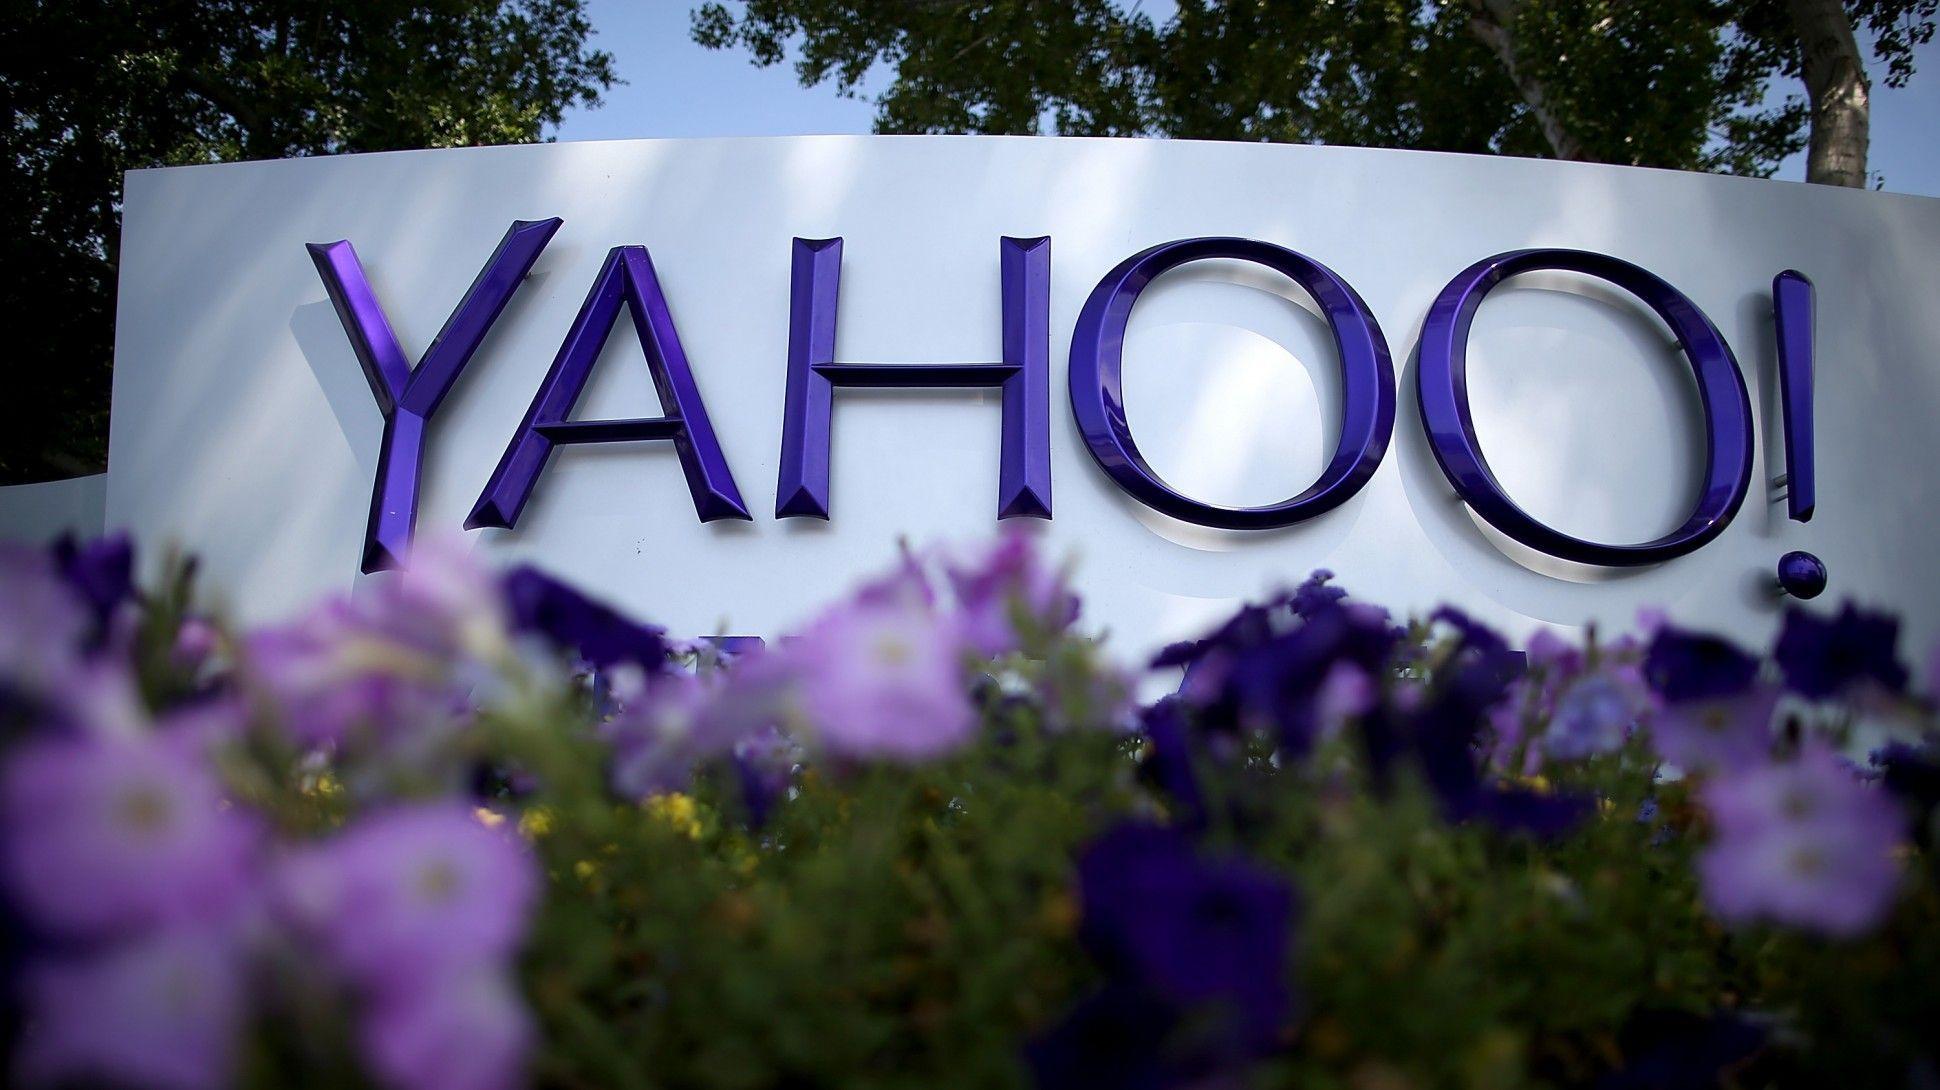 Attacco hacker a Yahoo, rubati i dati di accesso a 500 milioni di utenti